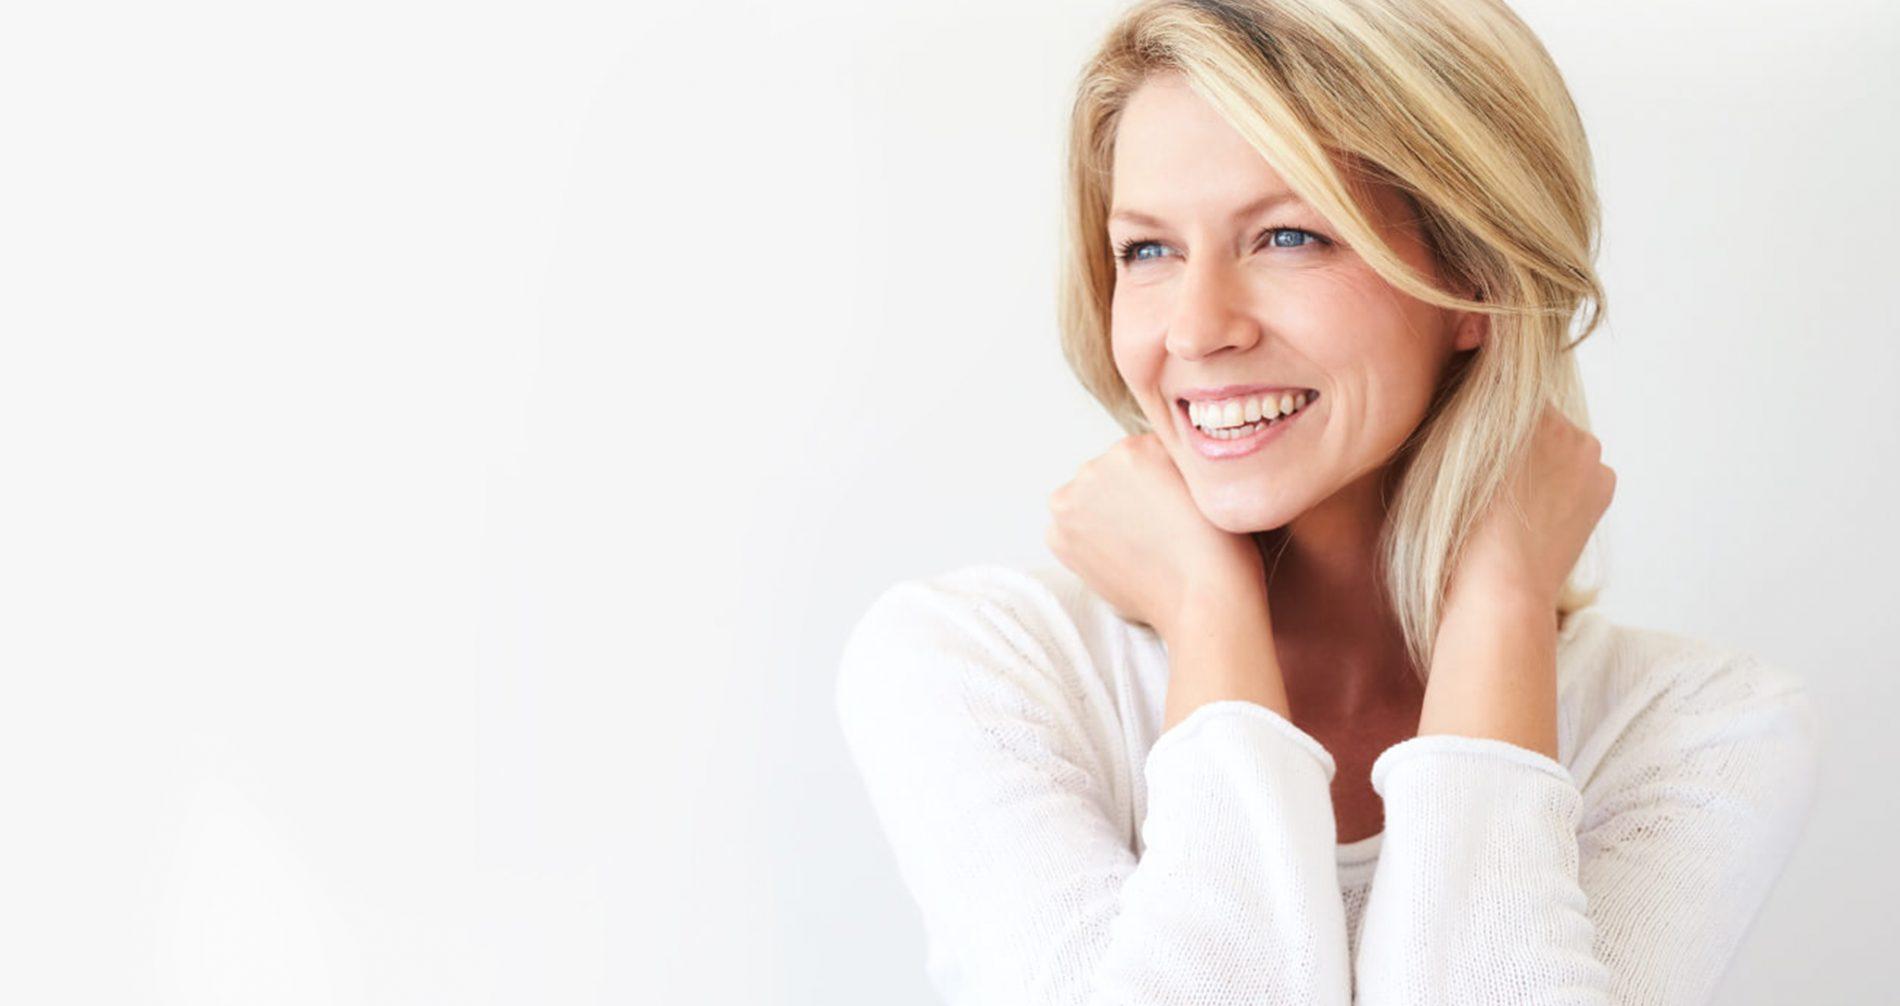 Zahnimplantate Zahnersatz Beratung in Ötisheim bei Mühlacker